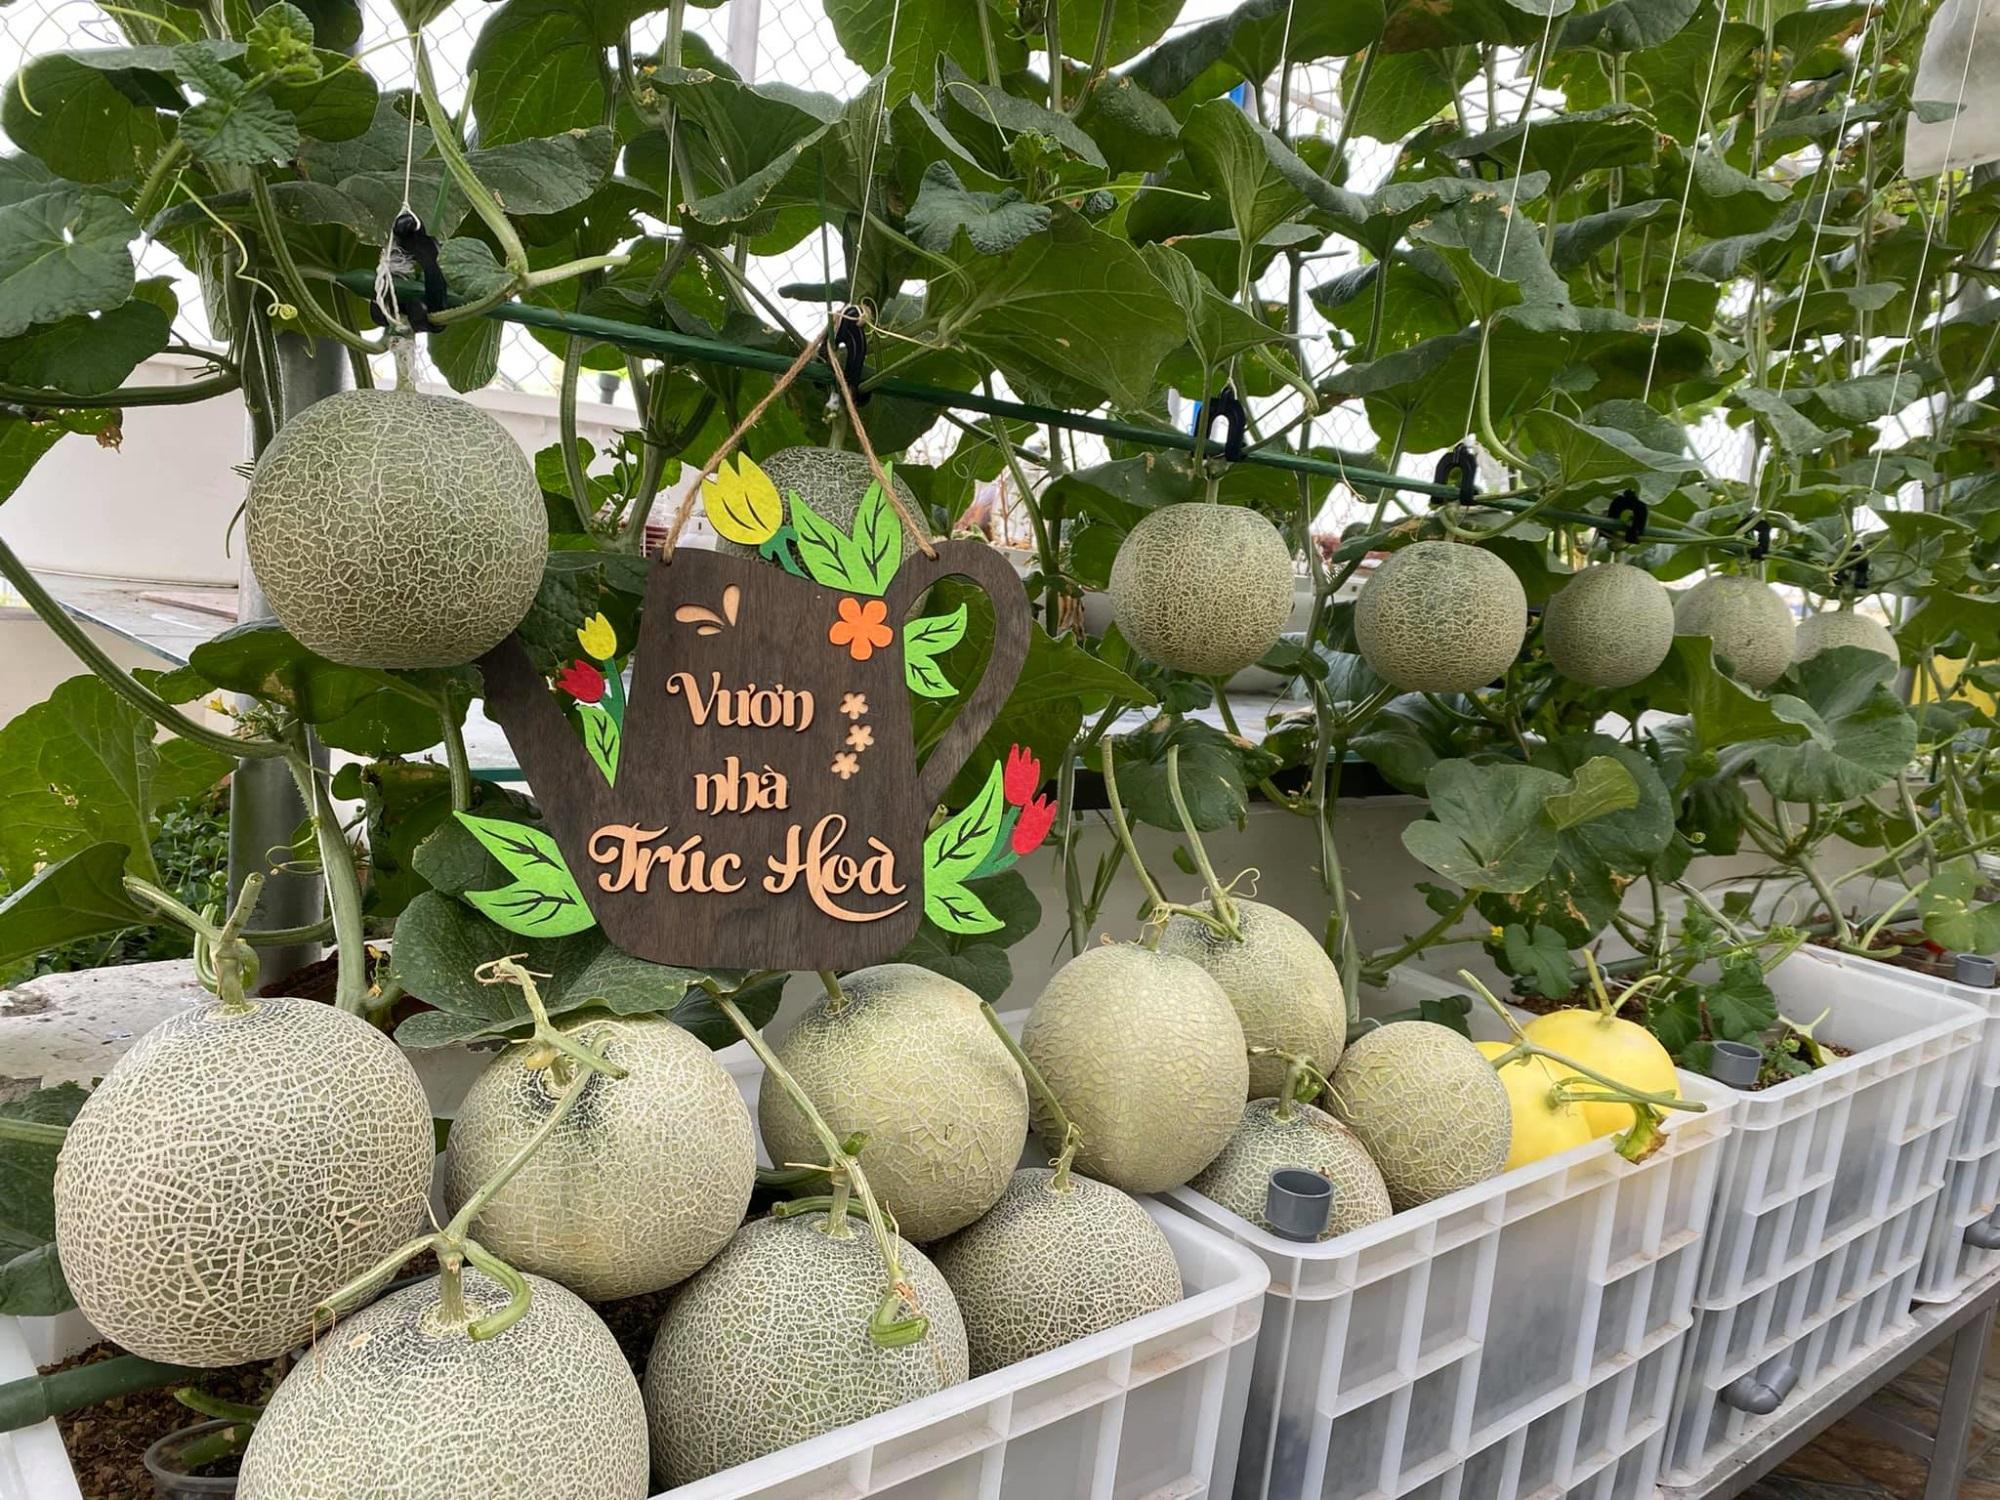 Đã con mắt trước 'khu vườn trên mây' 100m2 của mẹ đảm, rau trái 4 mùa ăn cả năm không hết - Ảnh 1